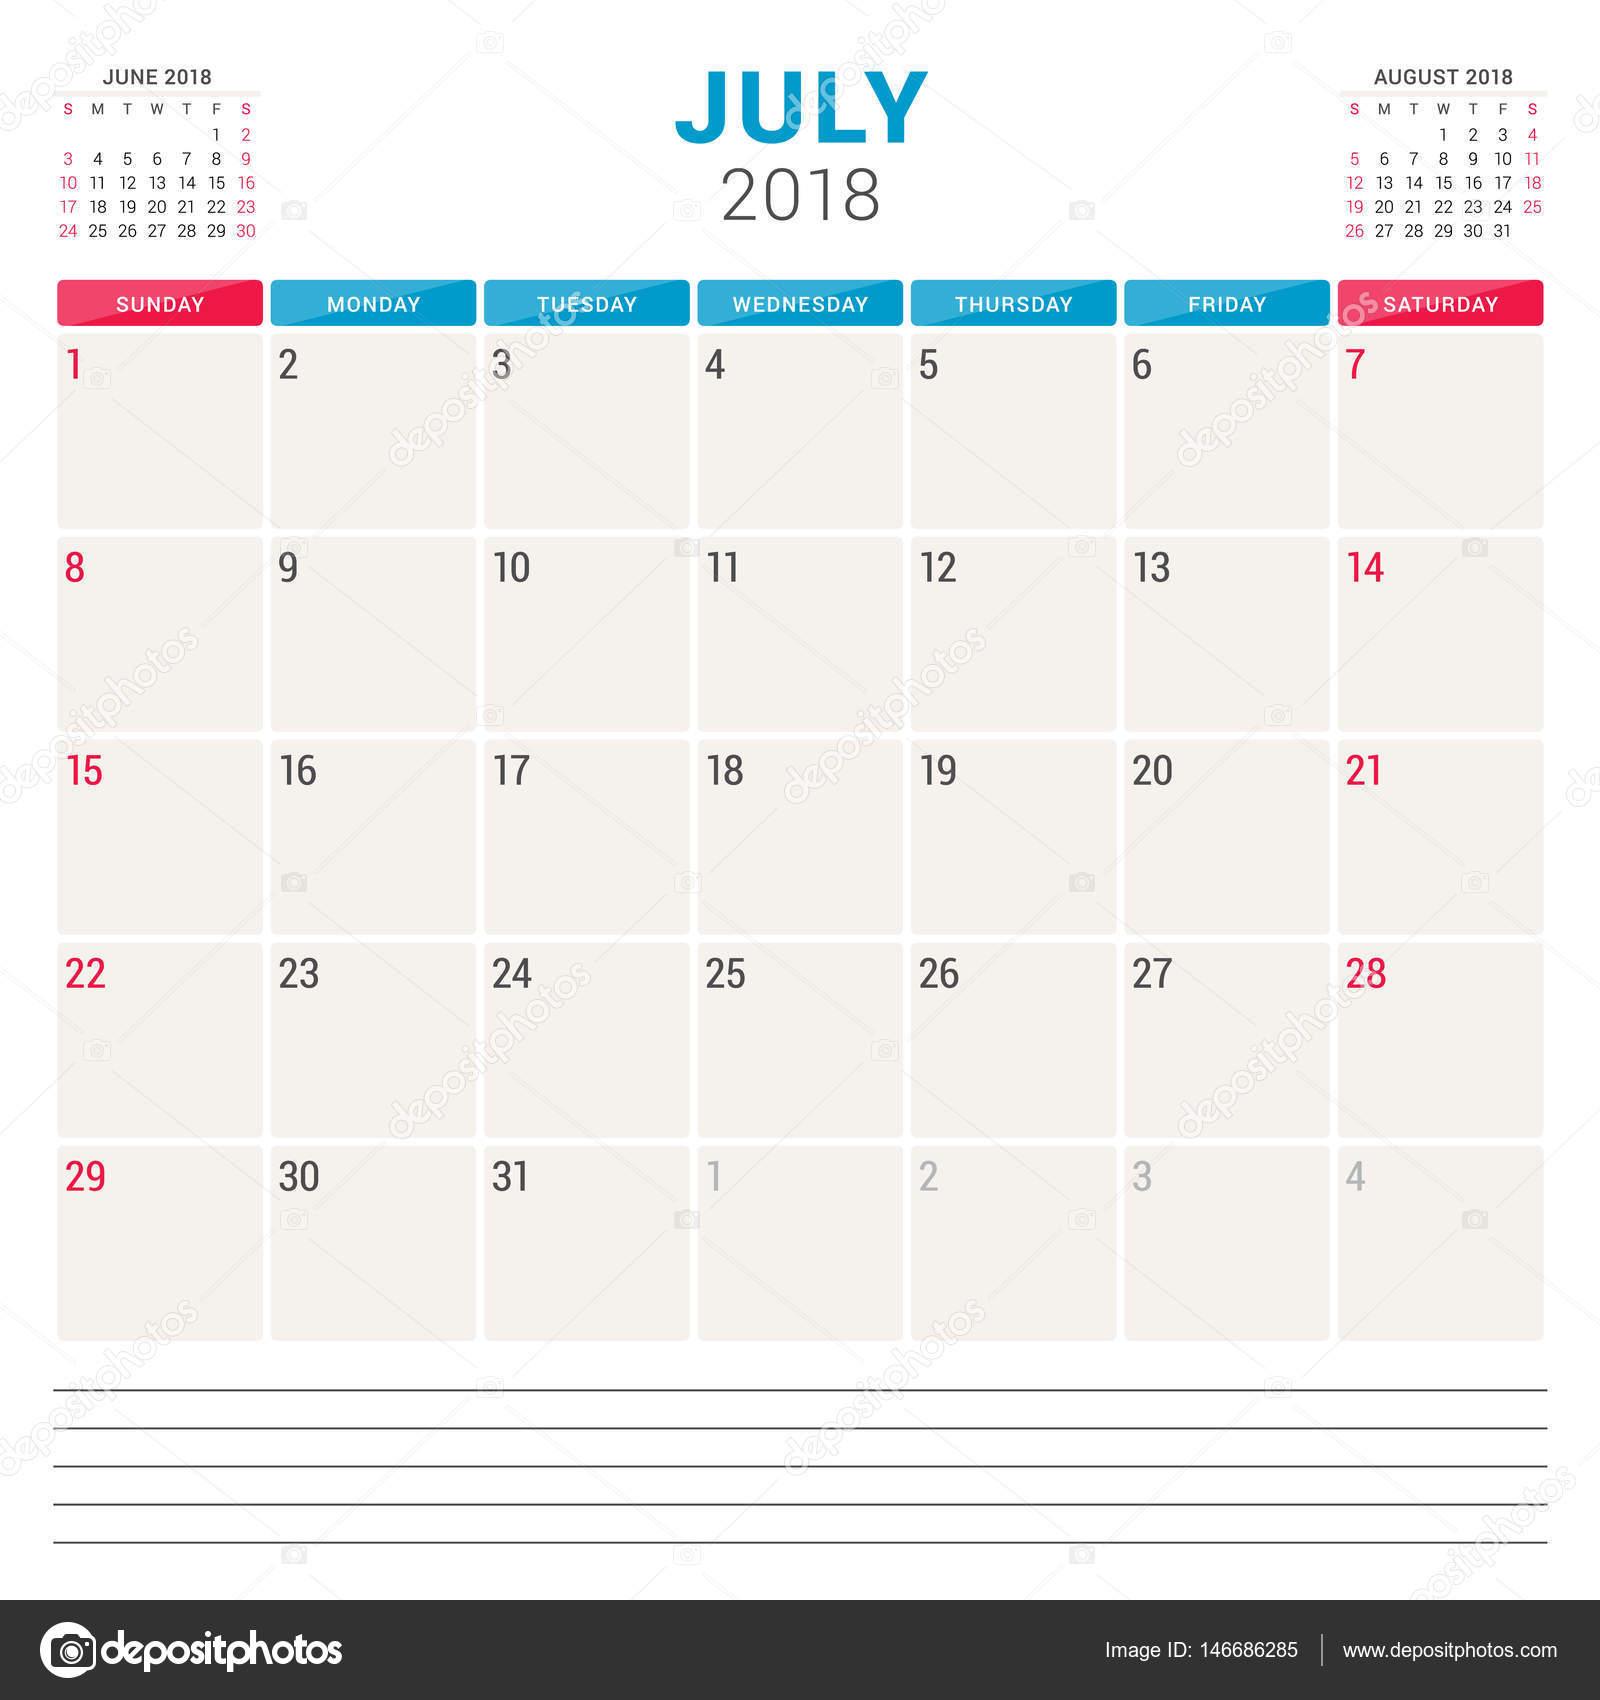 2018 年 7 月。カレンダー プランナー ベクター デザイン テンプレートです。週は日曜日に開始します。文具デザイン\u2013 ストックイラスト